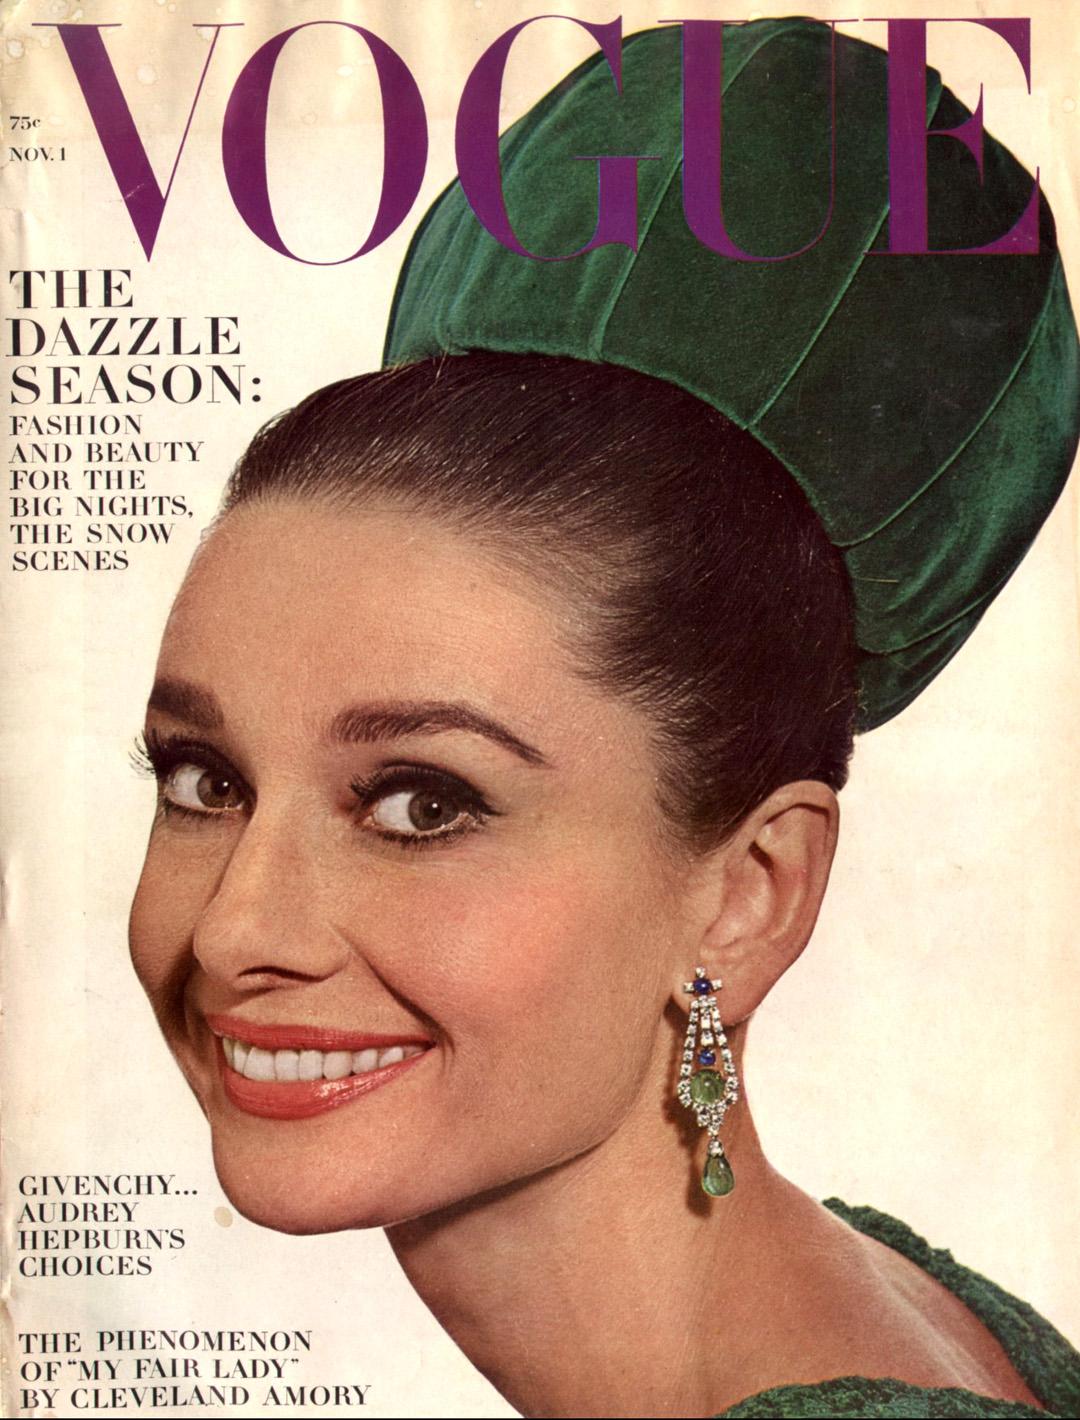 Huachafachon: Viernes Vintage: Come on Vogue